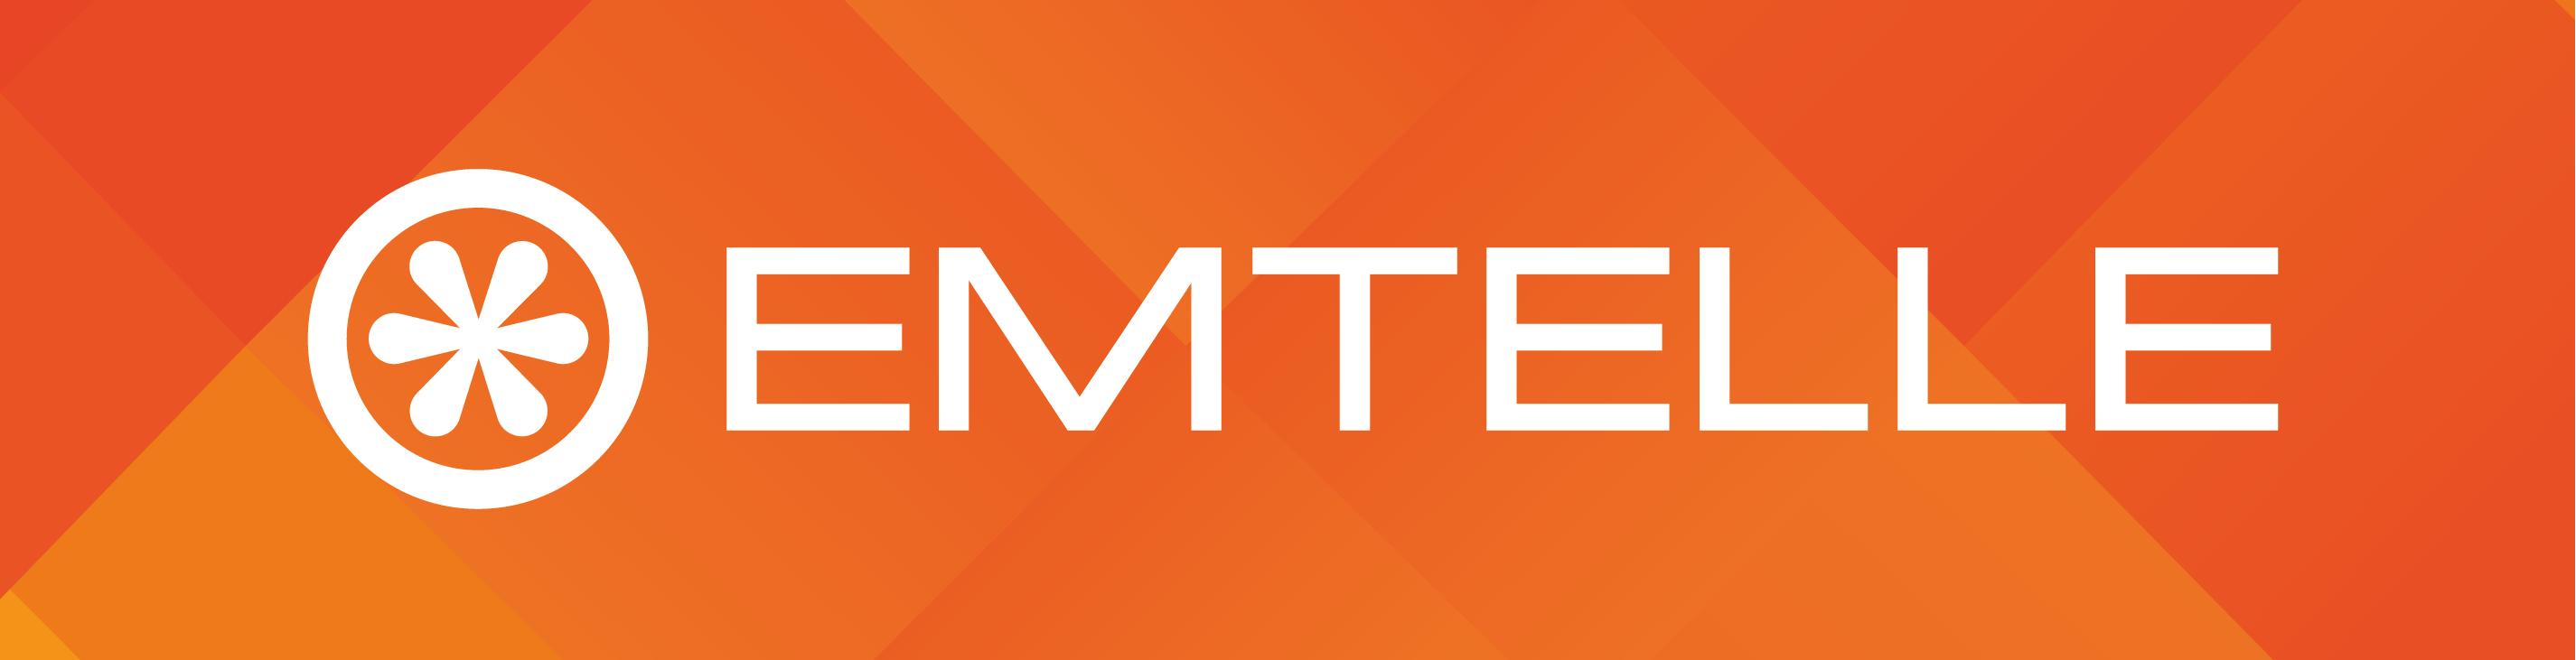 Emtelle UK Ltd